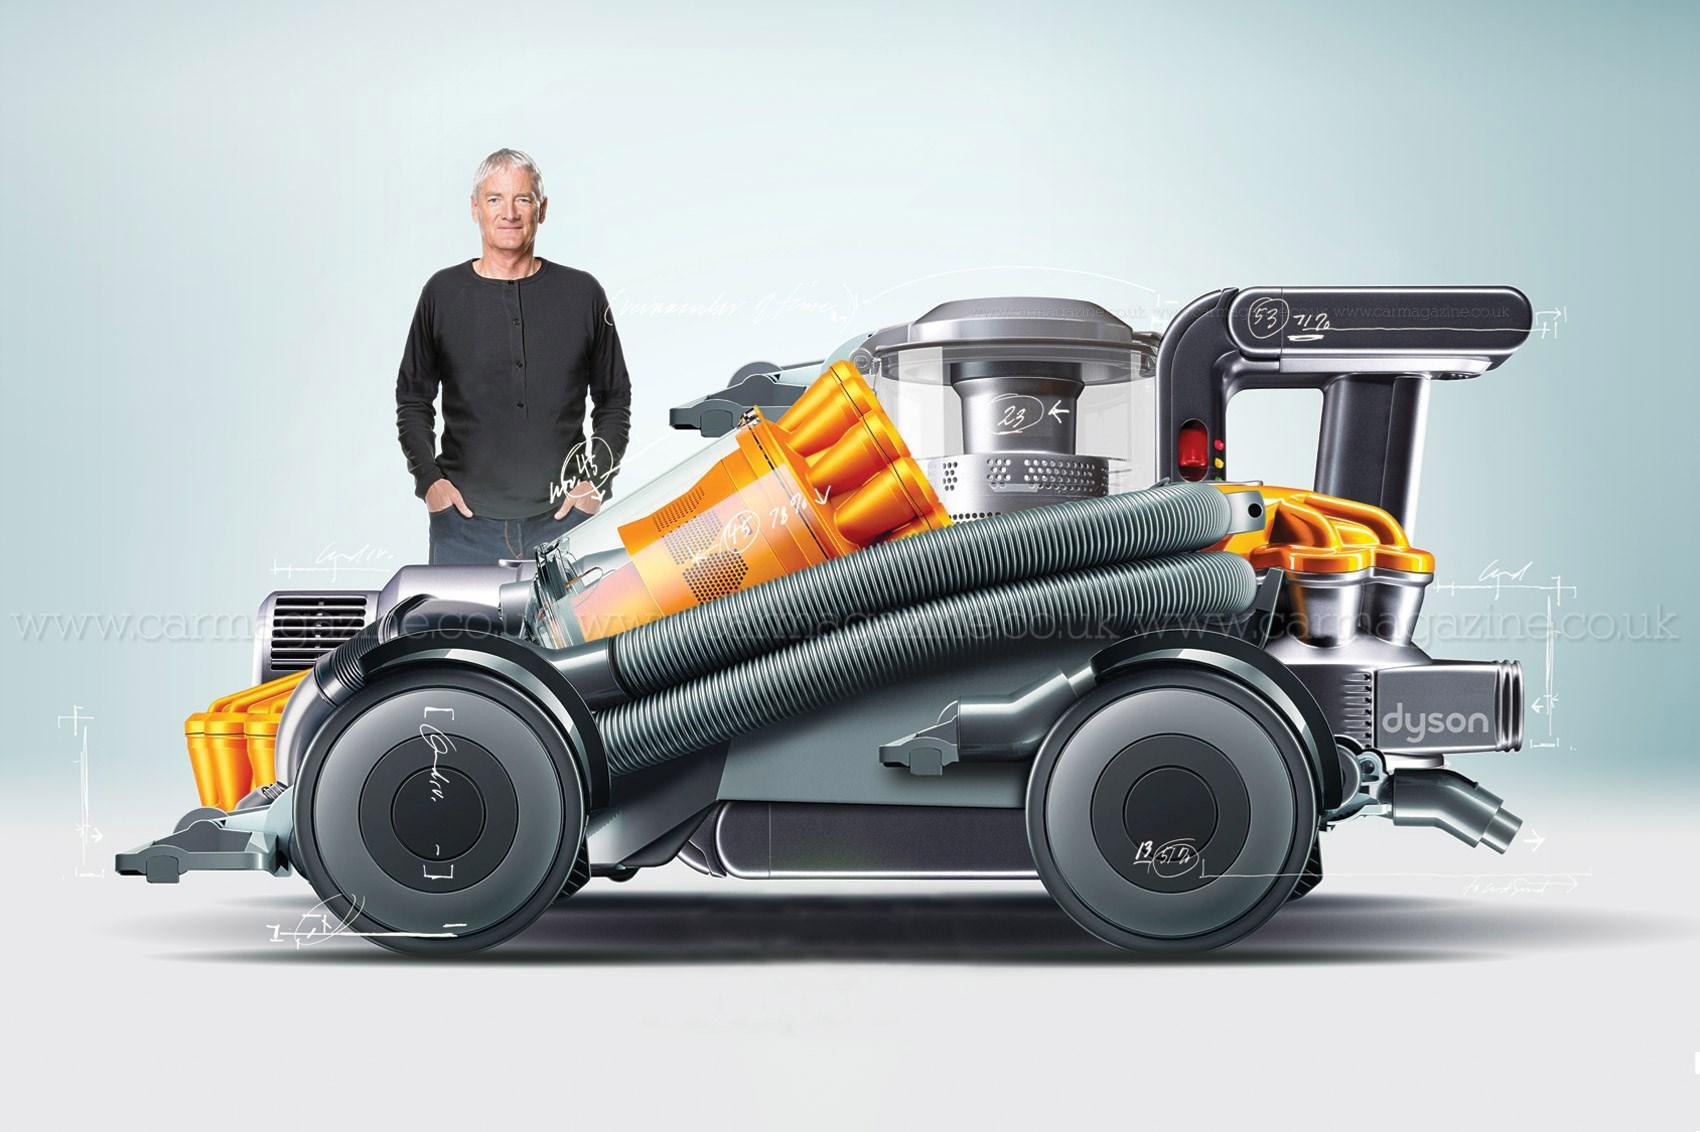 dyson annonce se lancer dans la voiture lectrique cr dible. Black Bedroom Furniture Sets. Home Design Ideas